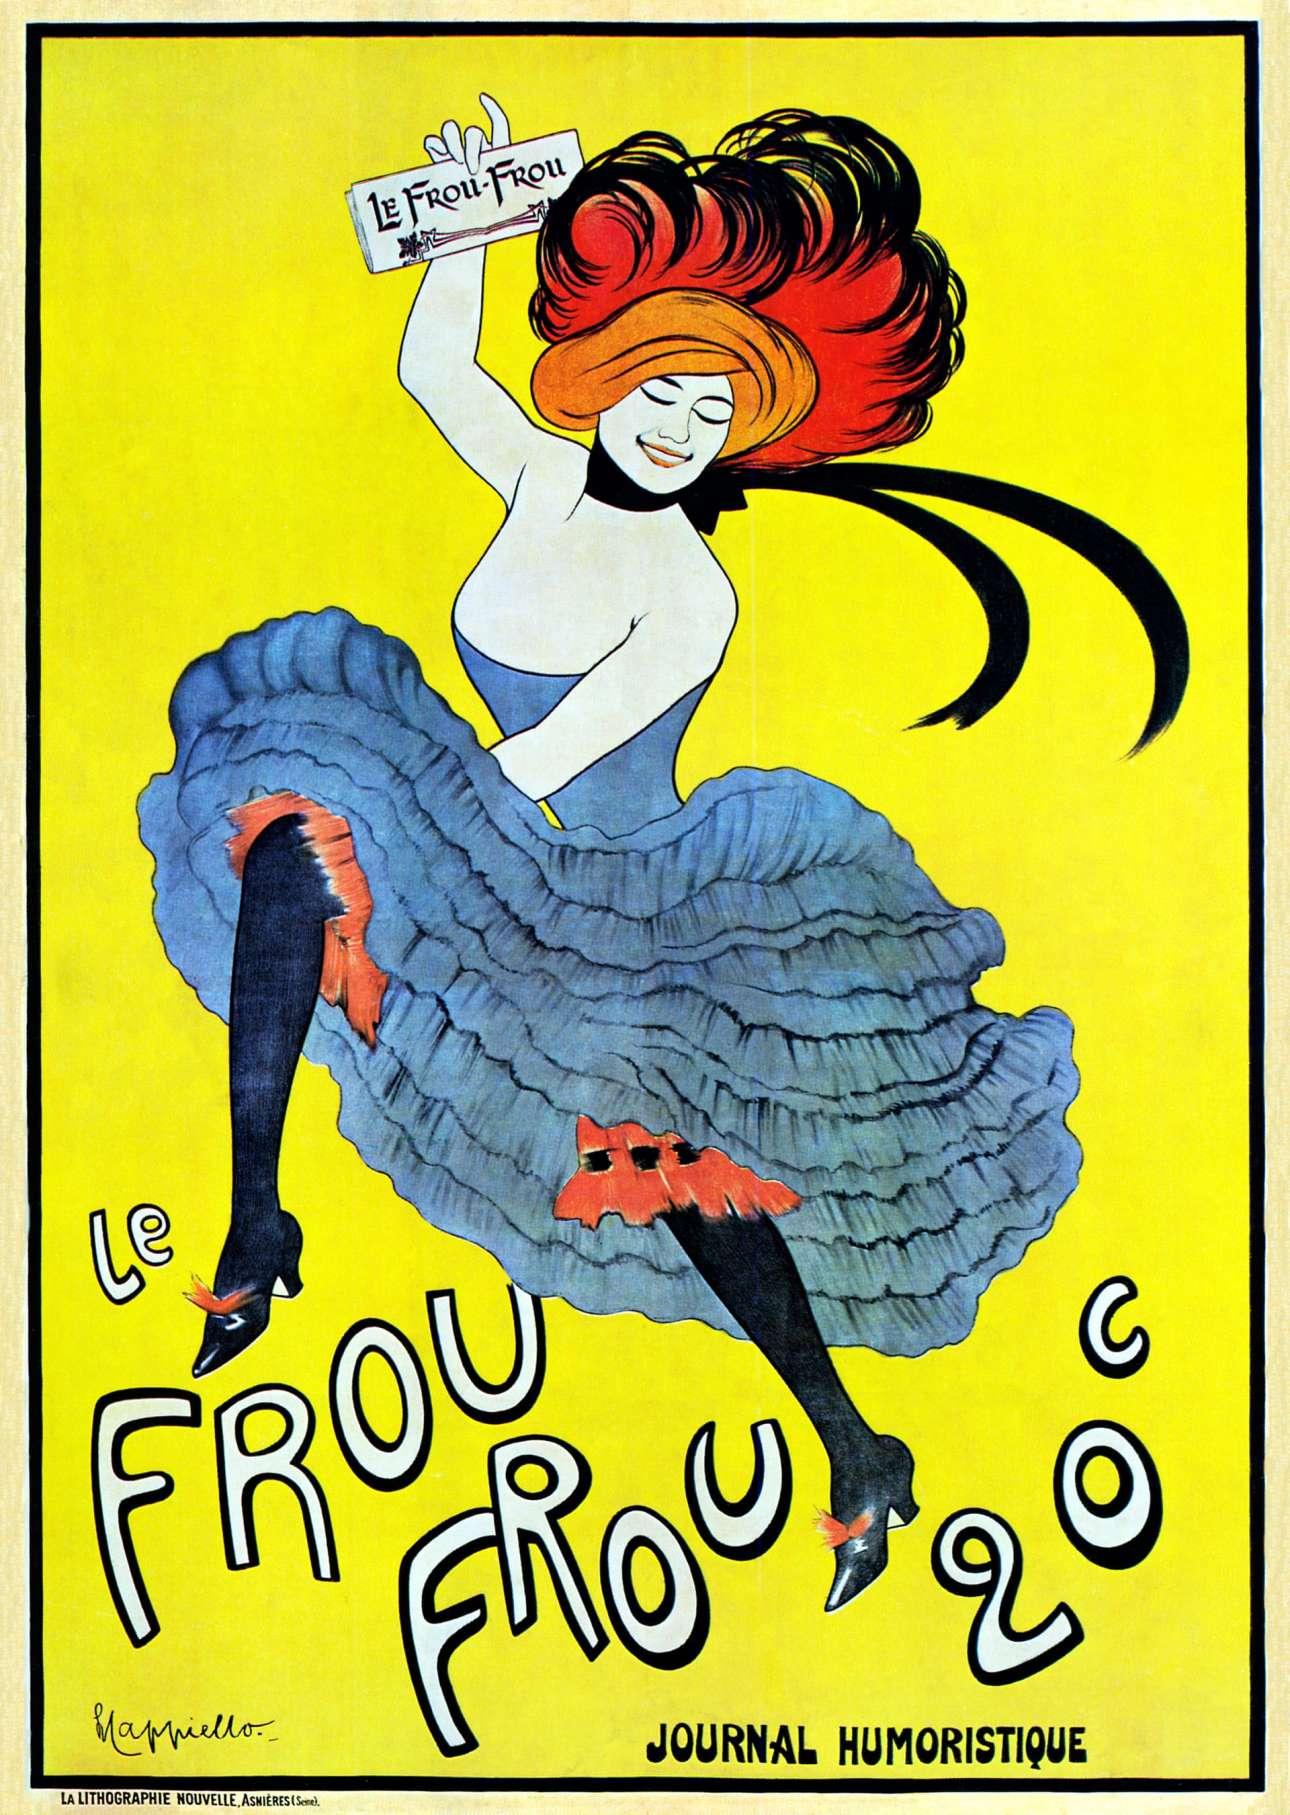 Οι μοντέρνες διαφημιστικές τεχνικές που αναπτύχθηκαν στα τέλη του 1890 χρησιμοποιούσαν την τέχνη για να πουλήσουν προϊόντα. Χαρακτηριστική του είδους είναι η παραπάνω αφίσα, σχεδιασμένη από τον Λεονέτο Καπιέλο το 1899 για το γαλλικό περιοδικό Le Frou Frou